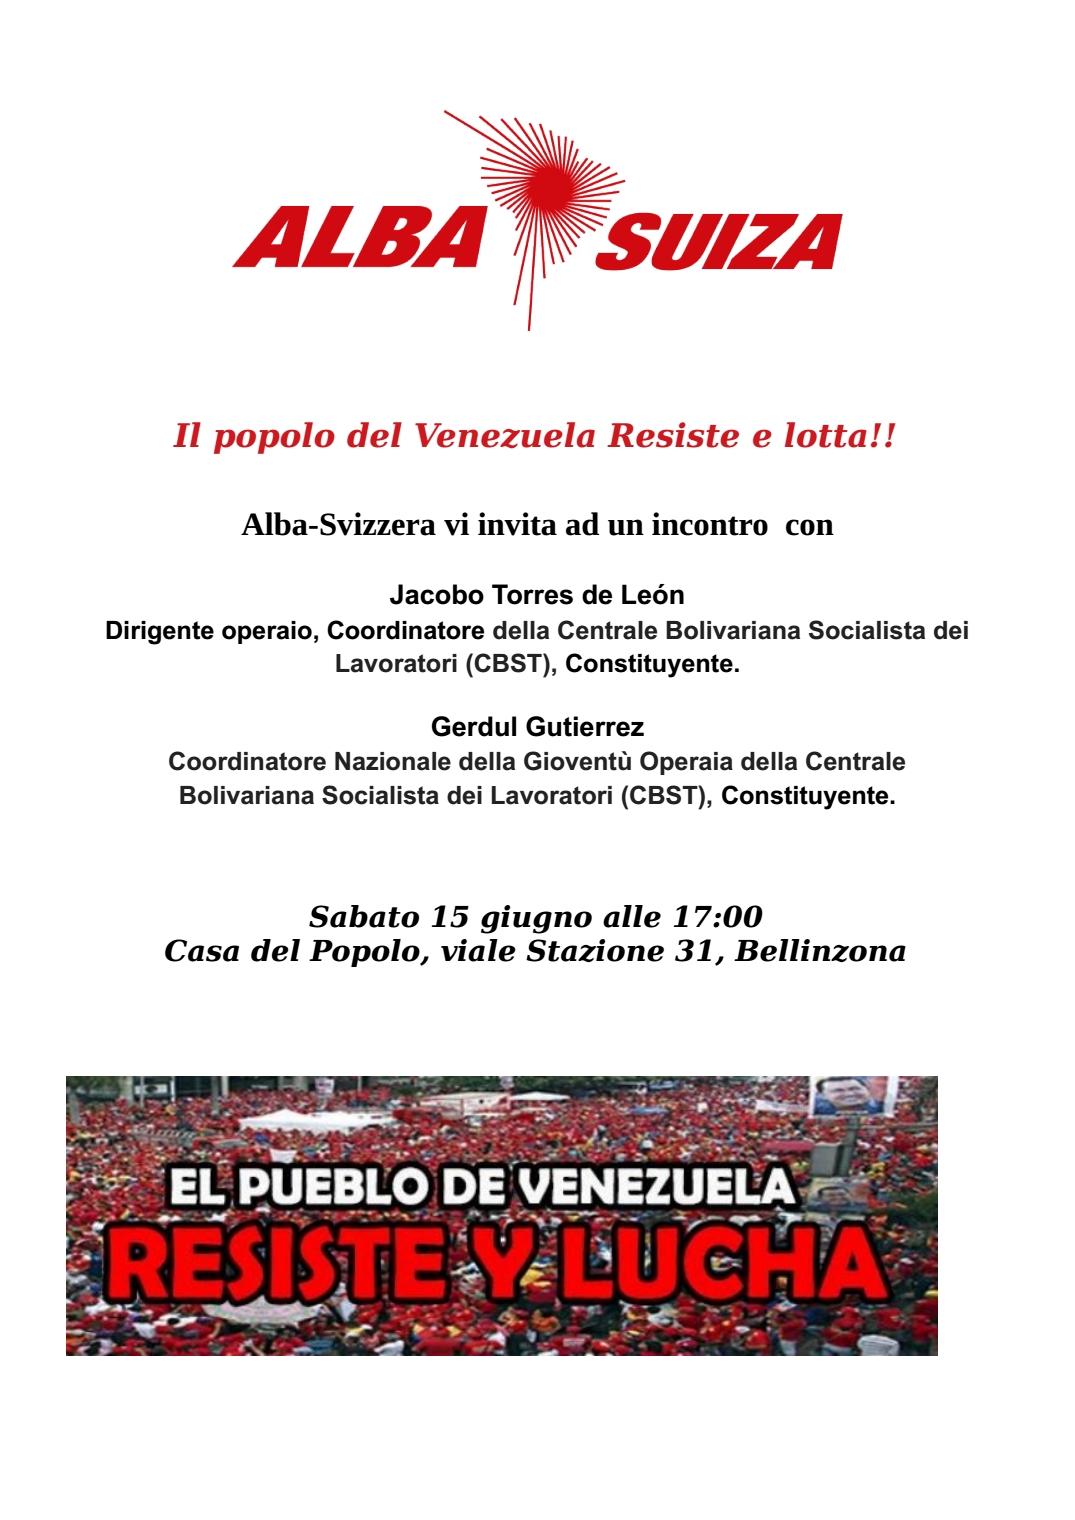 Incontro con sindacalisti venezuelani @ Casa del Popolo